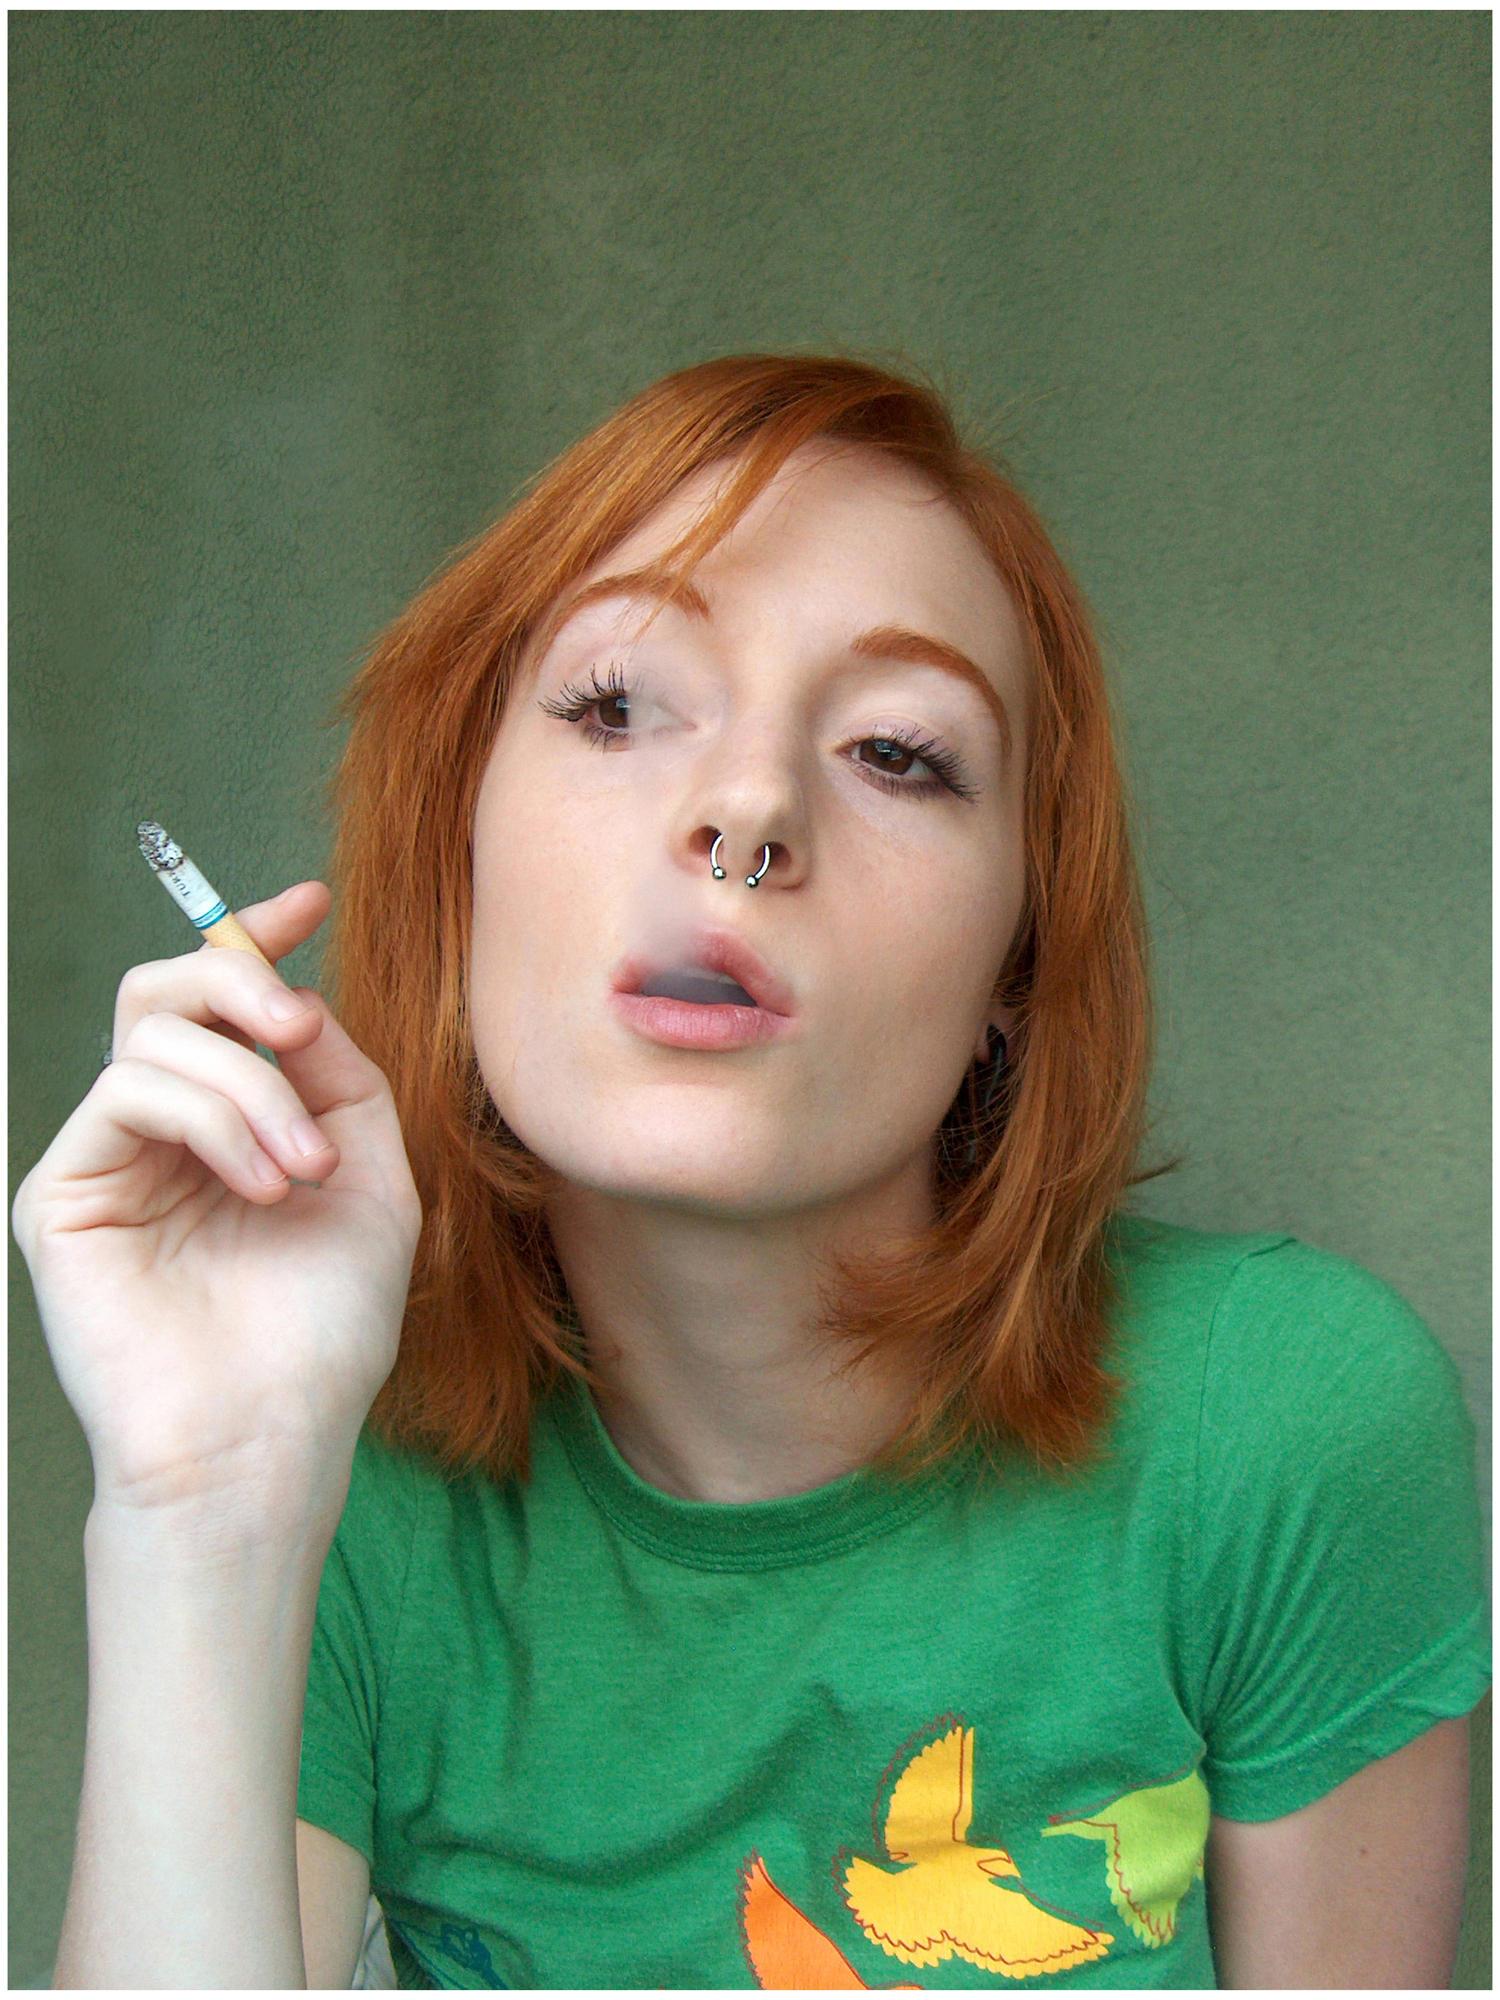 Smoking Stock. by NikxStock